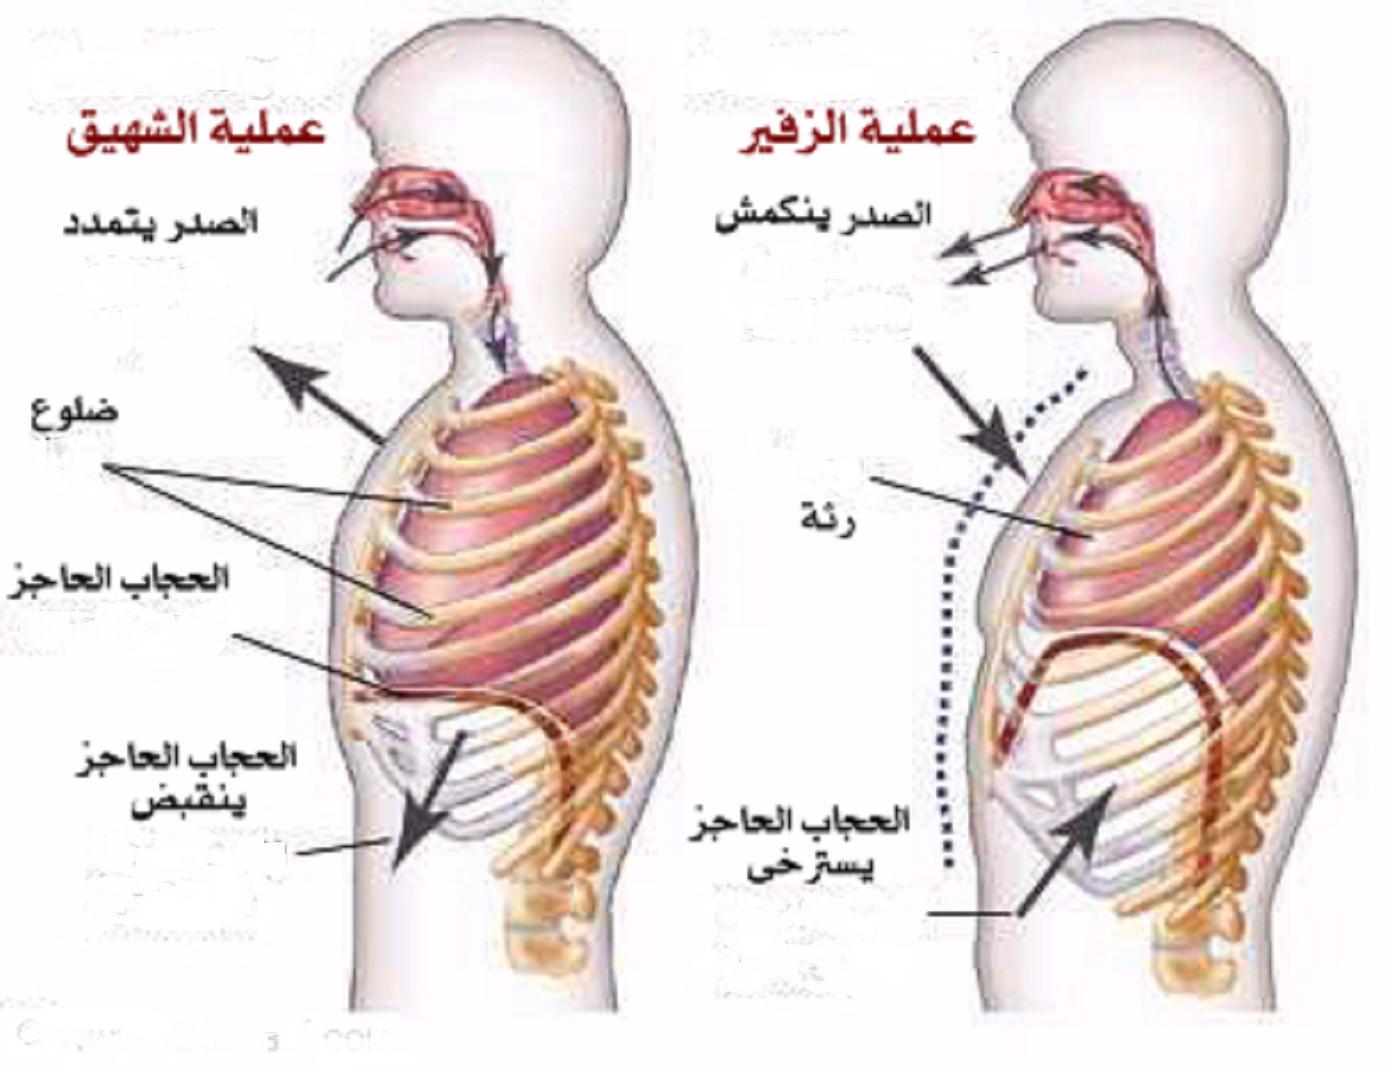 صورة عملية الشهيق والزفير , كيف تتم عملية التنفس